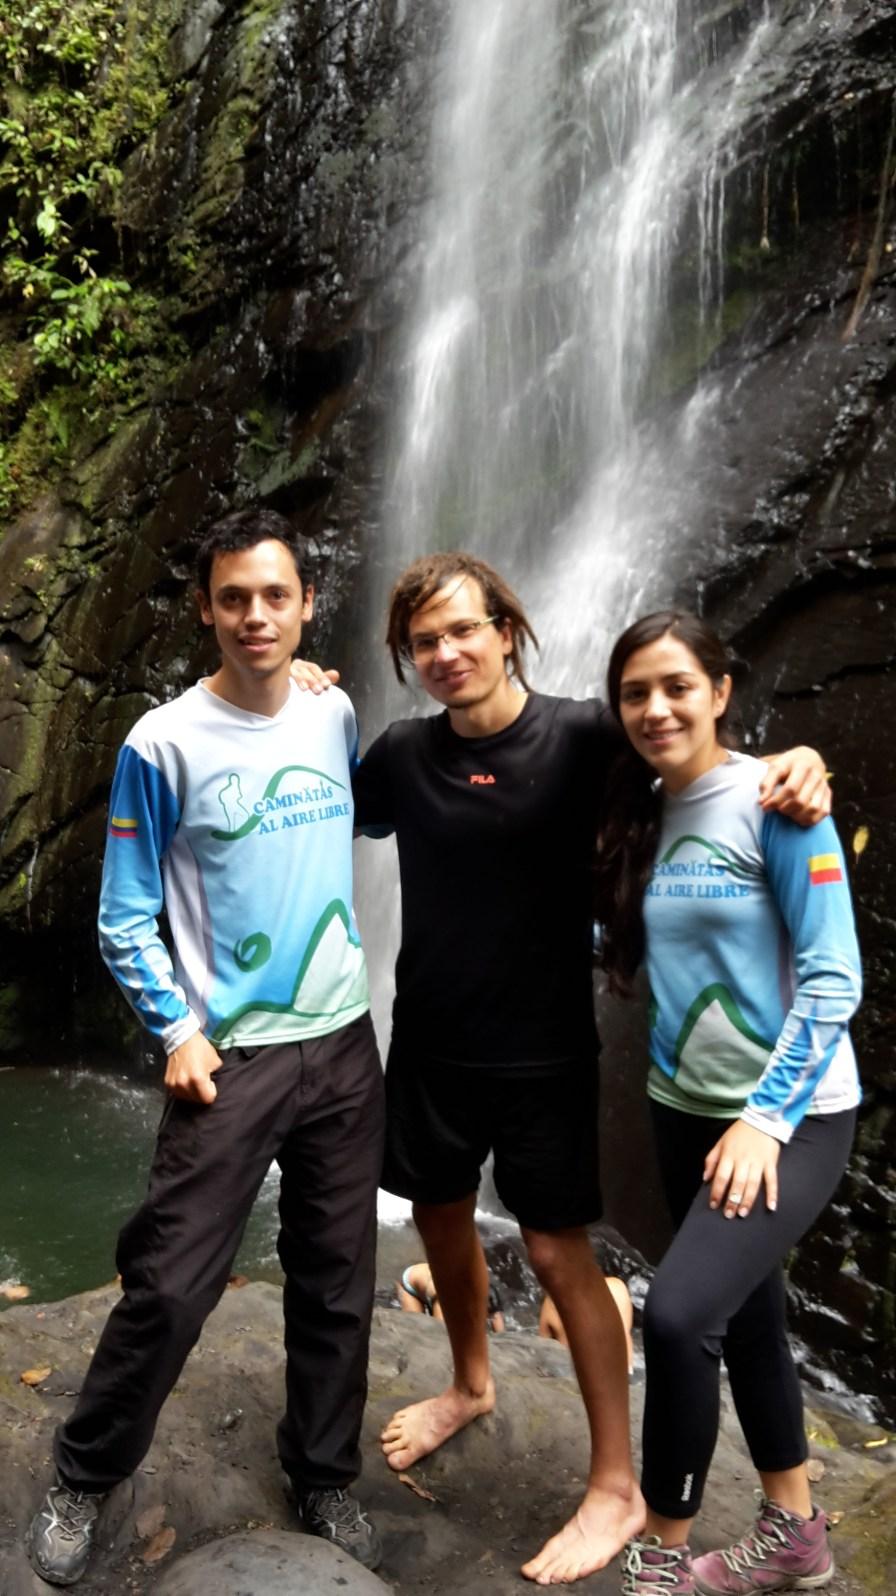 Camilo und Natalia unsere guias:)